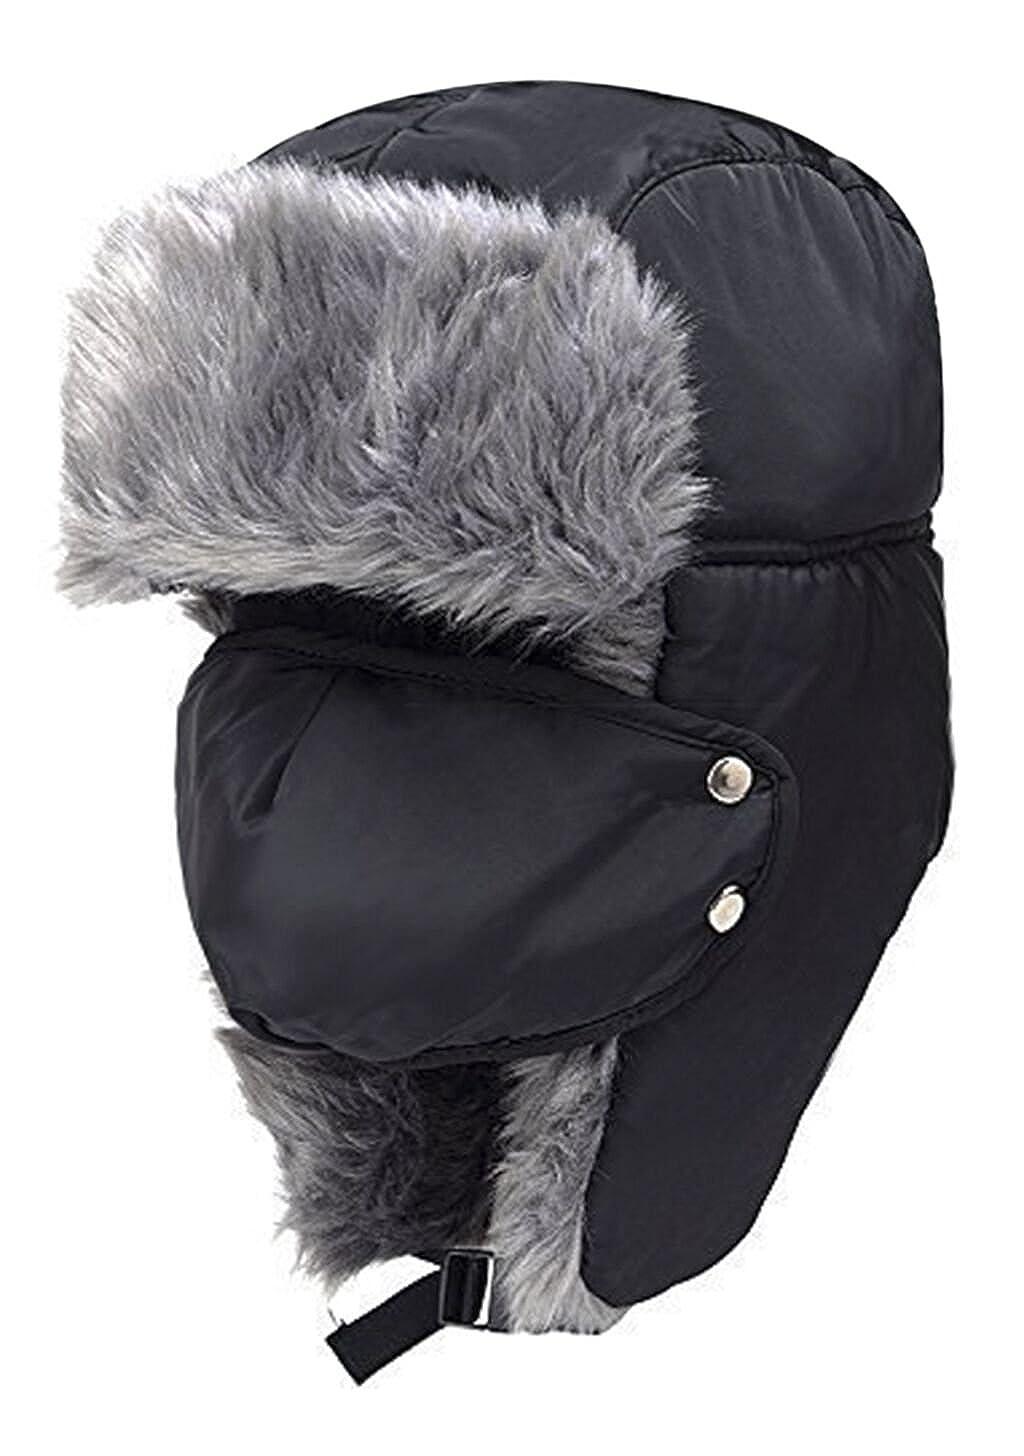 d660d2eda Amazon.com: Unisex Trooper Trapper Hat with Ear Flap Women Men Faux ...